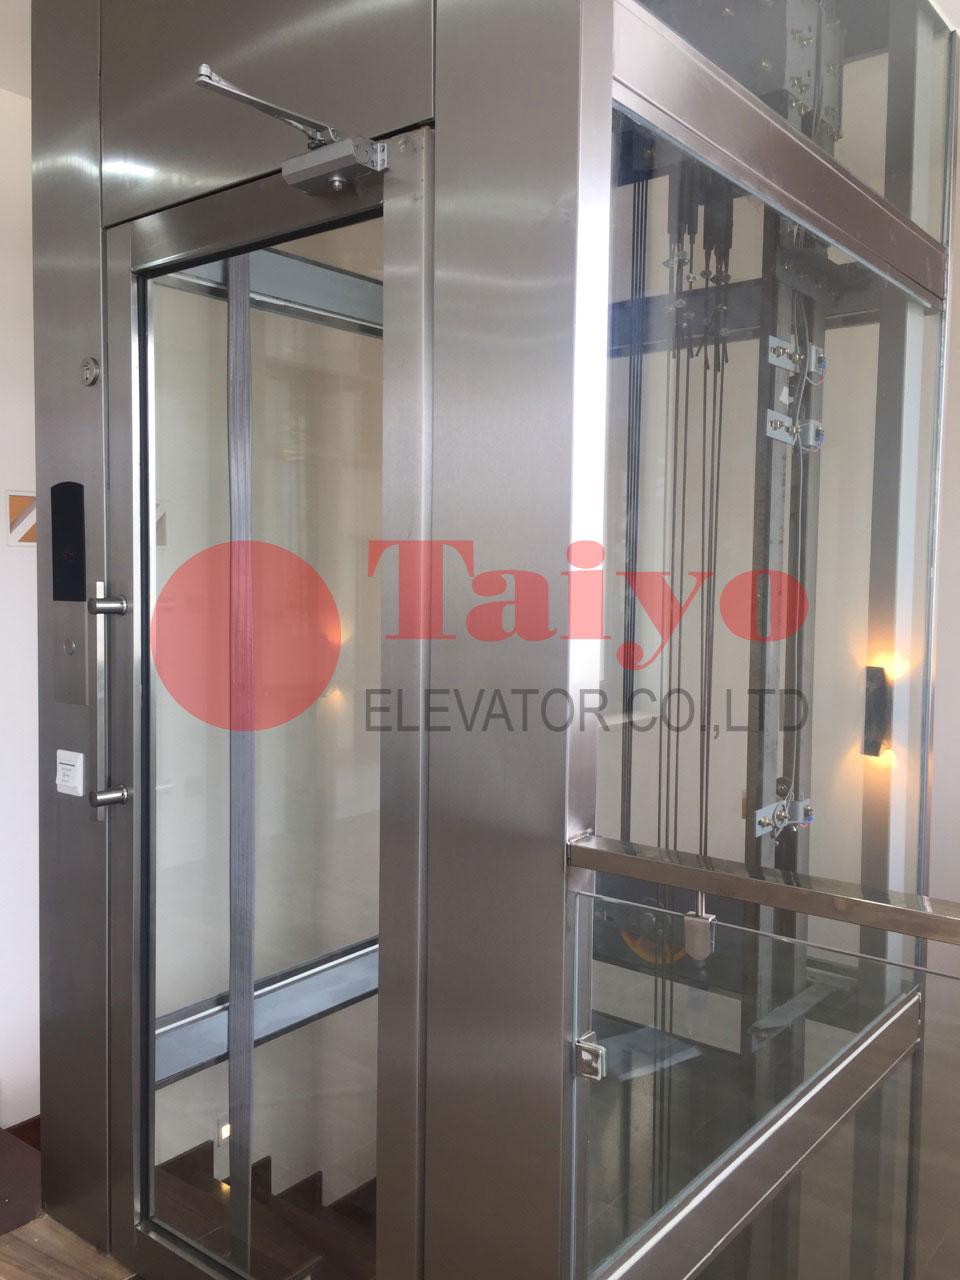 Cửa thang mở tay thang máy gia đình home lift